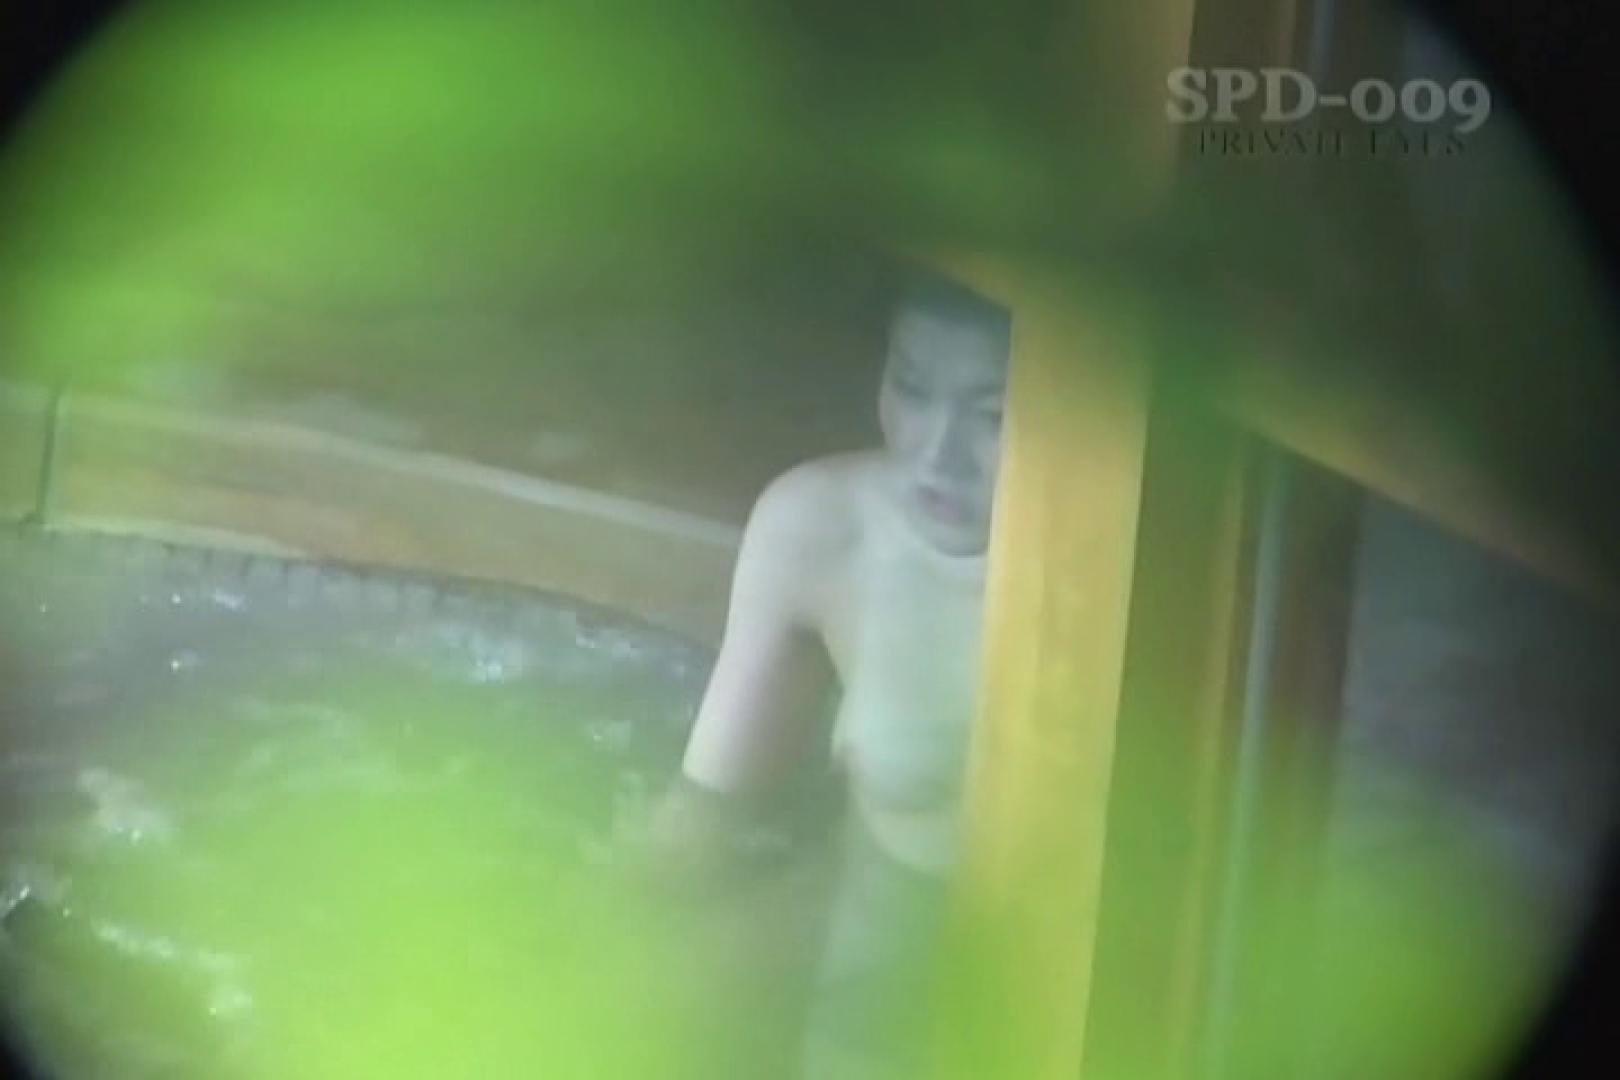 高画質版!SPD-009 新・露天浴場 2 プライベート   名作  78連発 41